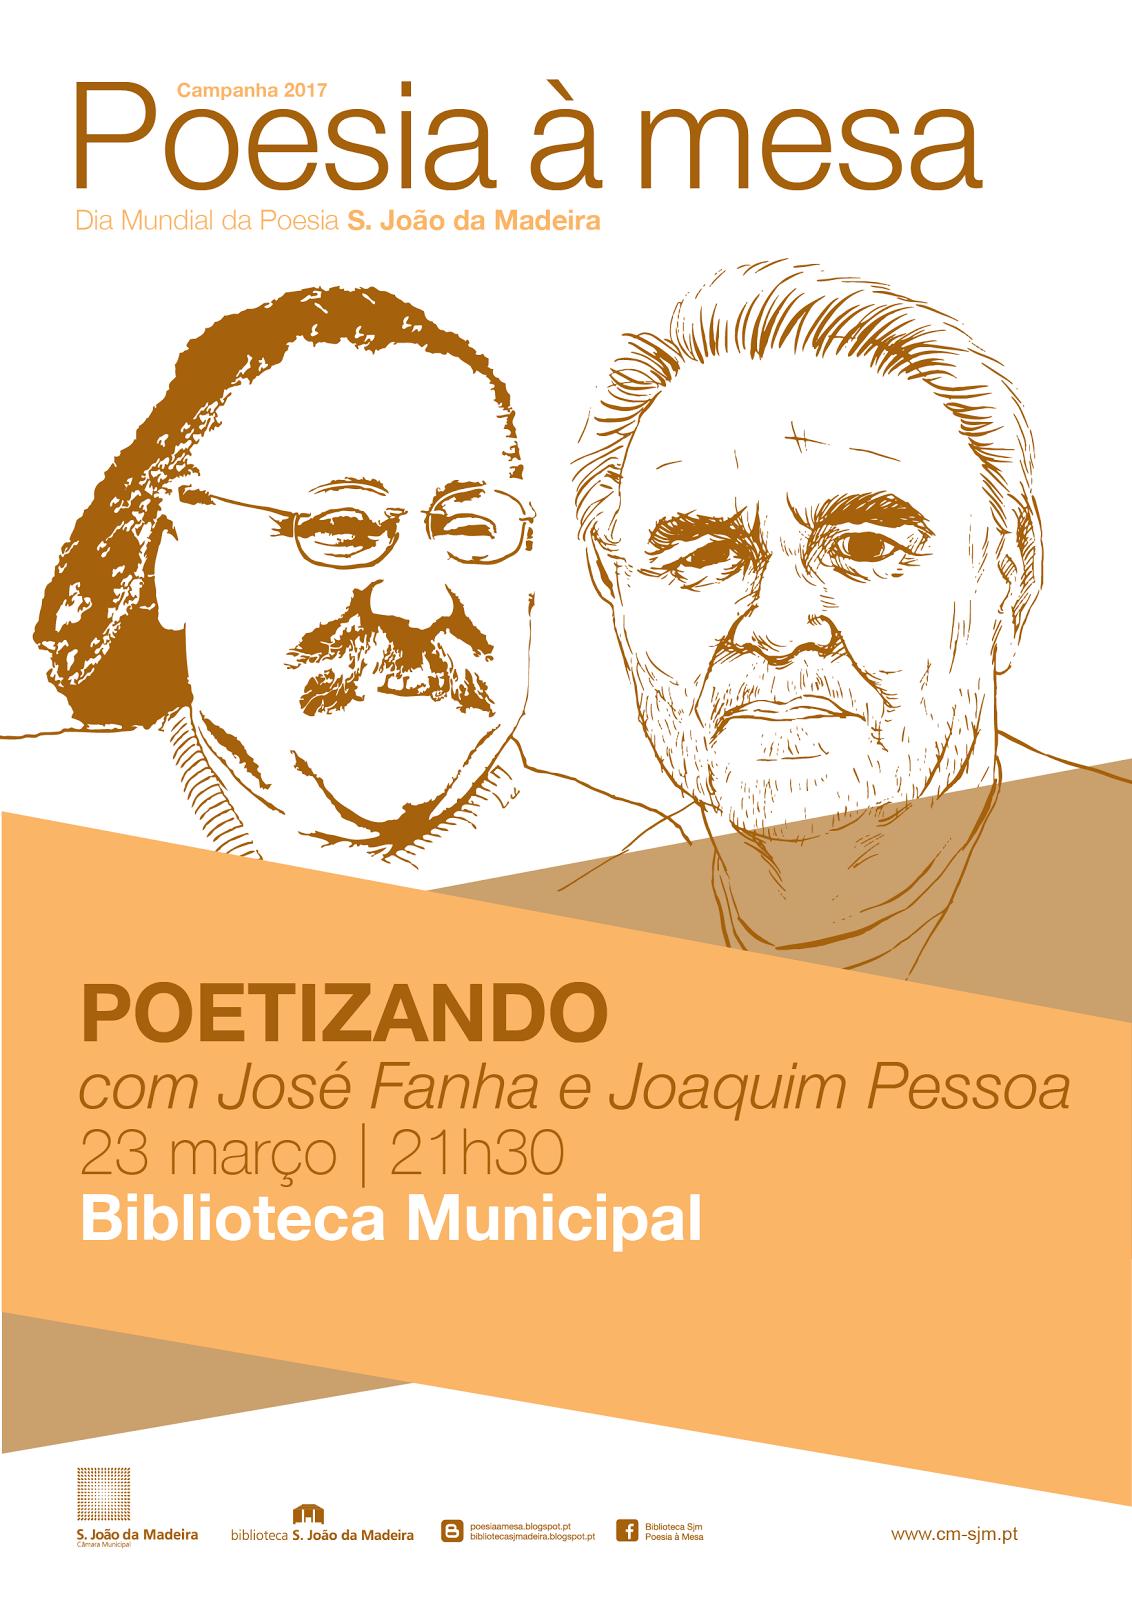 POETIZANDO COM JOSÉ FANHA E JOAQUIM PESSOA